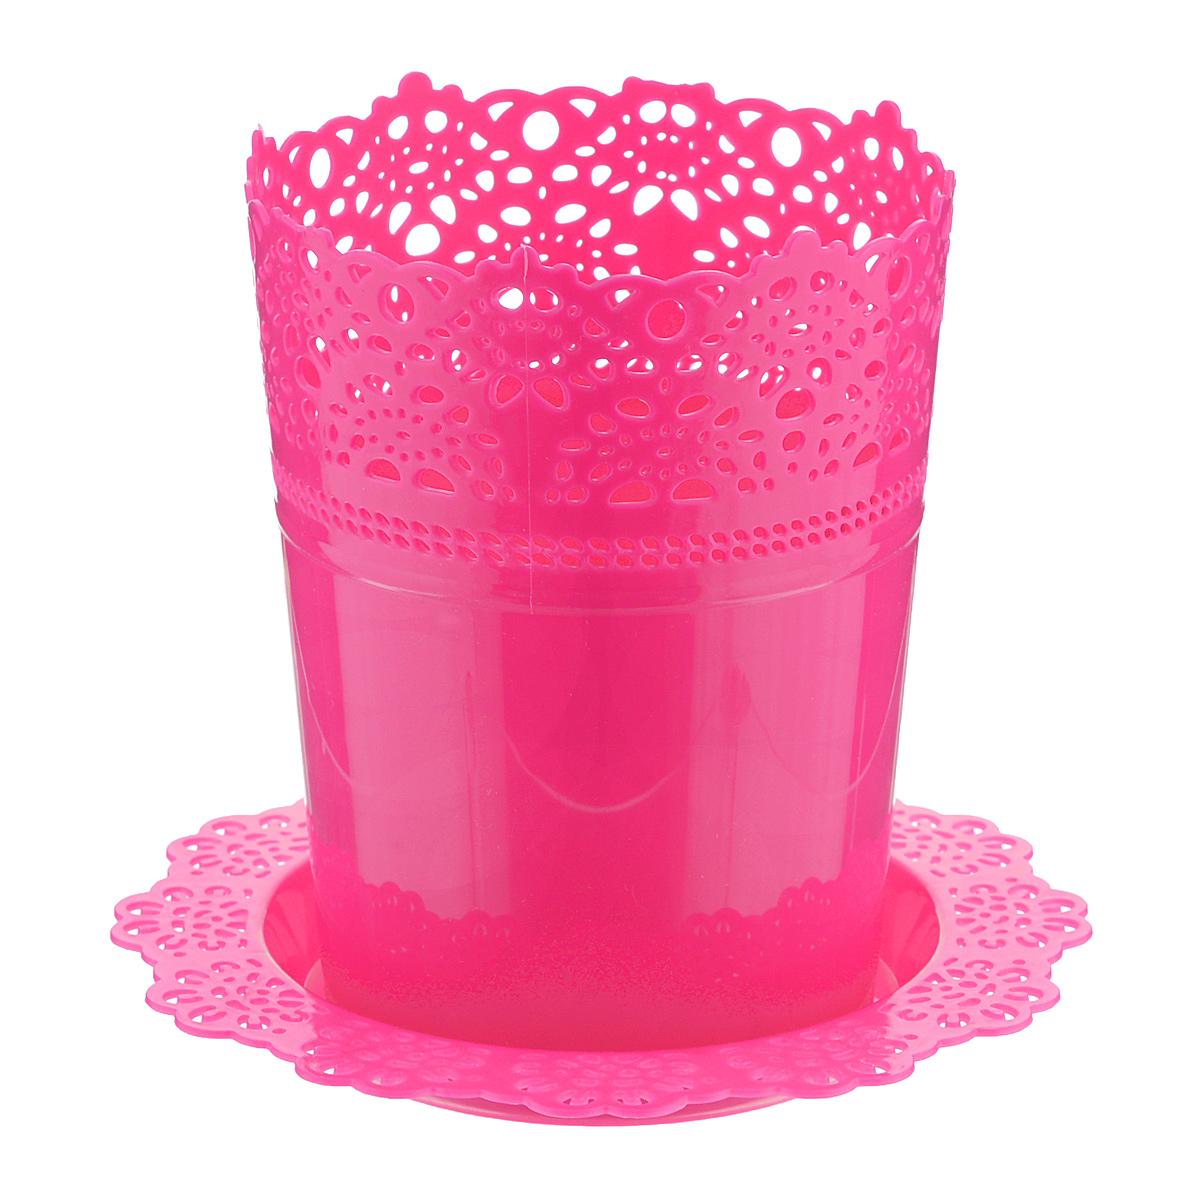 Кашпо Idea Ажур, с подставкой, цвет: розовый, диаметр 11,5 смМ 3091Кашпо Idea Ажур изготовлено из полипропилена (пластика). Специальная подставка предназначена для стока воды. Верх изделия и подставка оформлены перфорацией, напоминающей кружево. Изделие прекрасно подходит для выращивания растений и цветов в домашних условиях. Диаметр подставки: 16,5 см. Высота кашпо: 15 см. Диаметр кашпо: 11,5 см.